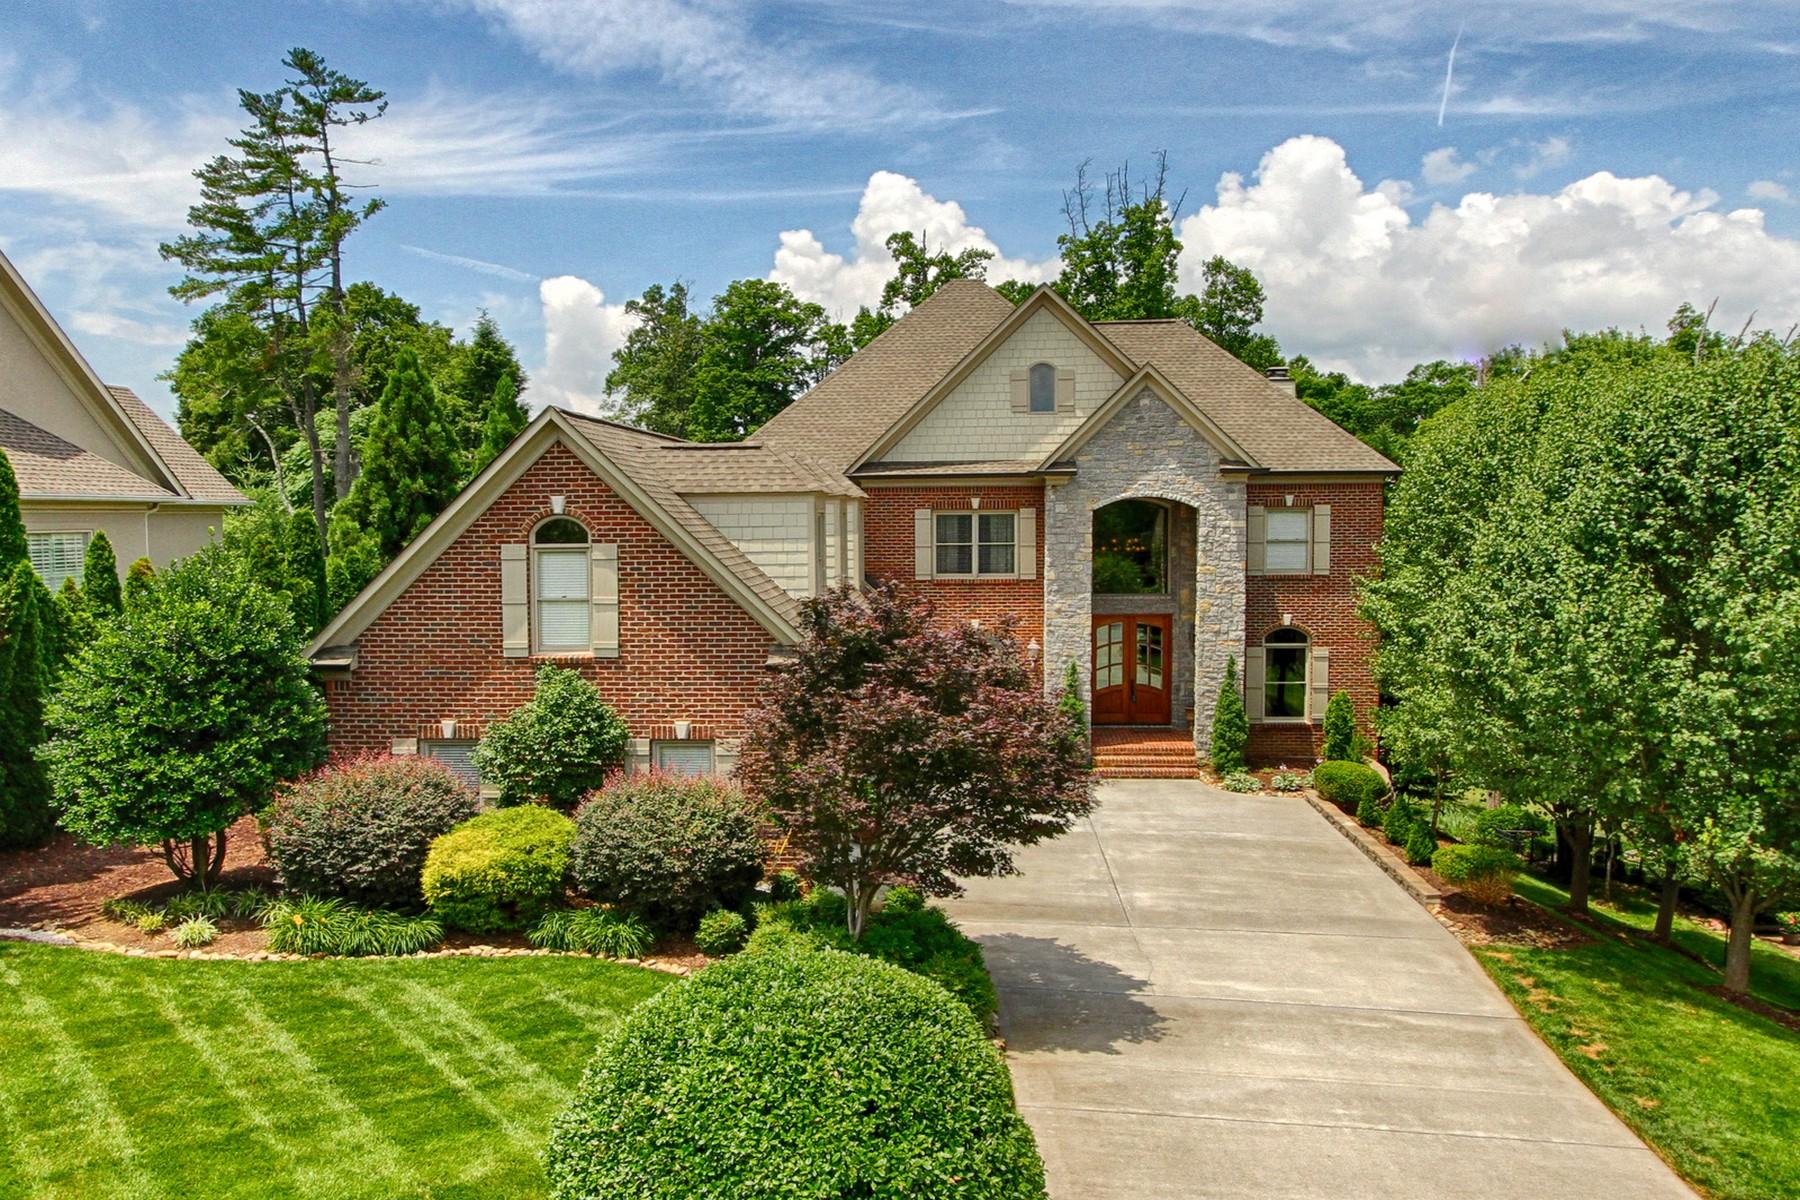 Maison unifamiliale pour l Vente à Breathtaking Luxury Home 921 Fairway Oaks Lane Knoxville, Tennessee, 37922 États-Unis